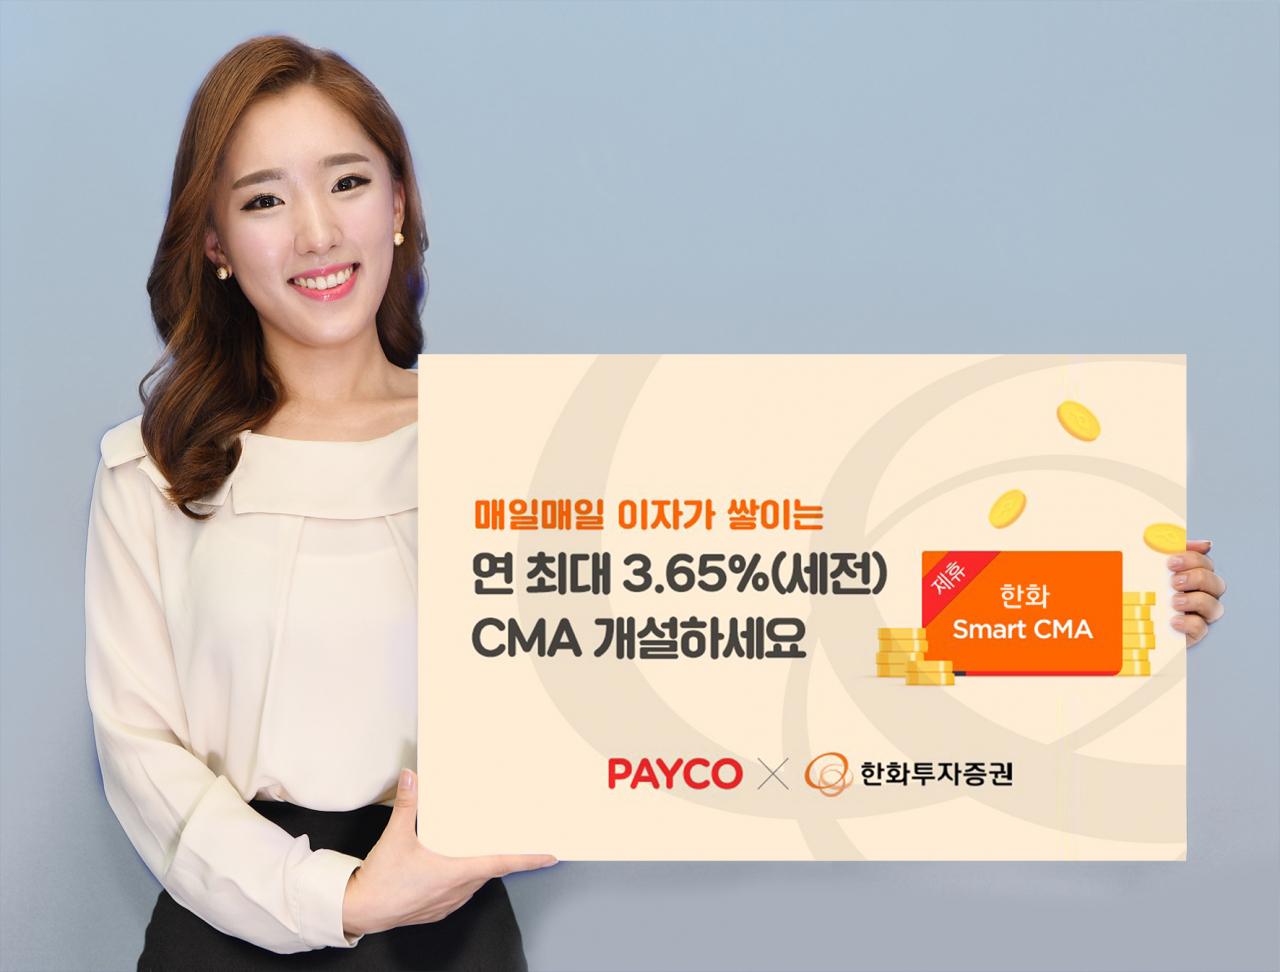 한화투자증권, '페이코 한화 스마트 CMA' 3탄 실시